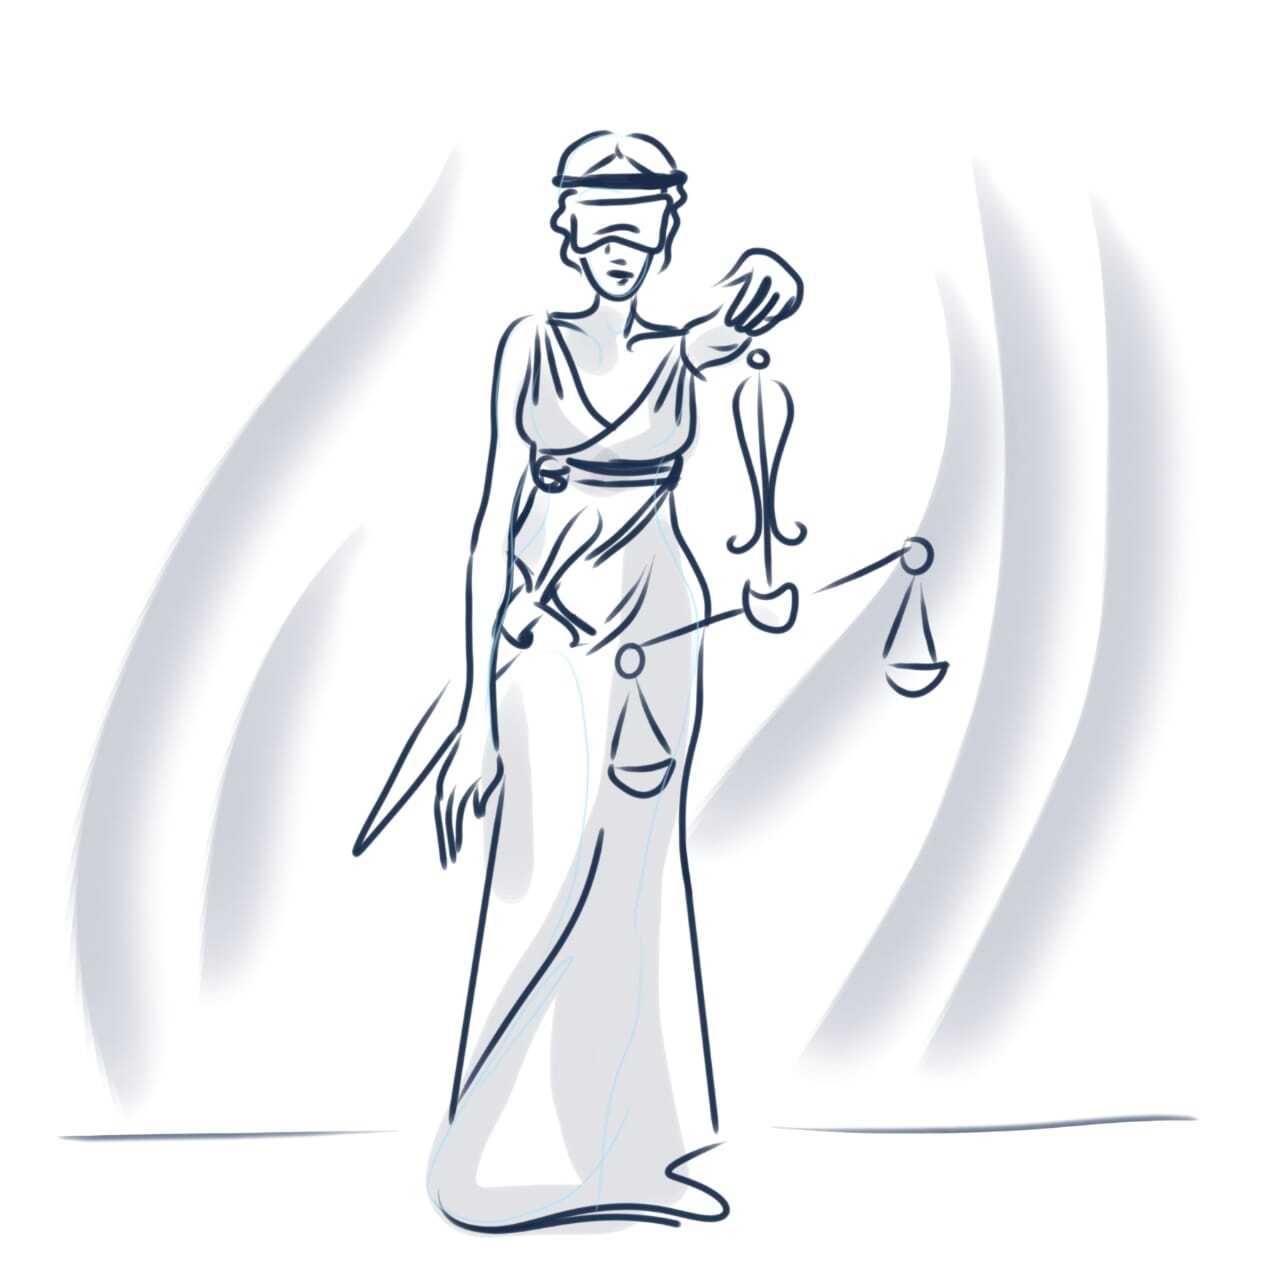 Иконка для рубрики «Судебные решения» специально для сайта «Факты о Саентологии»